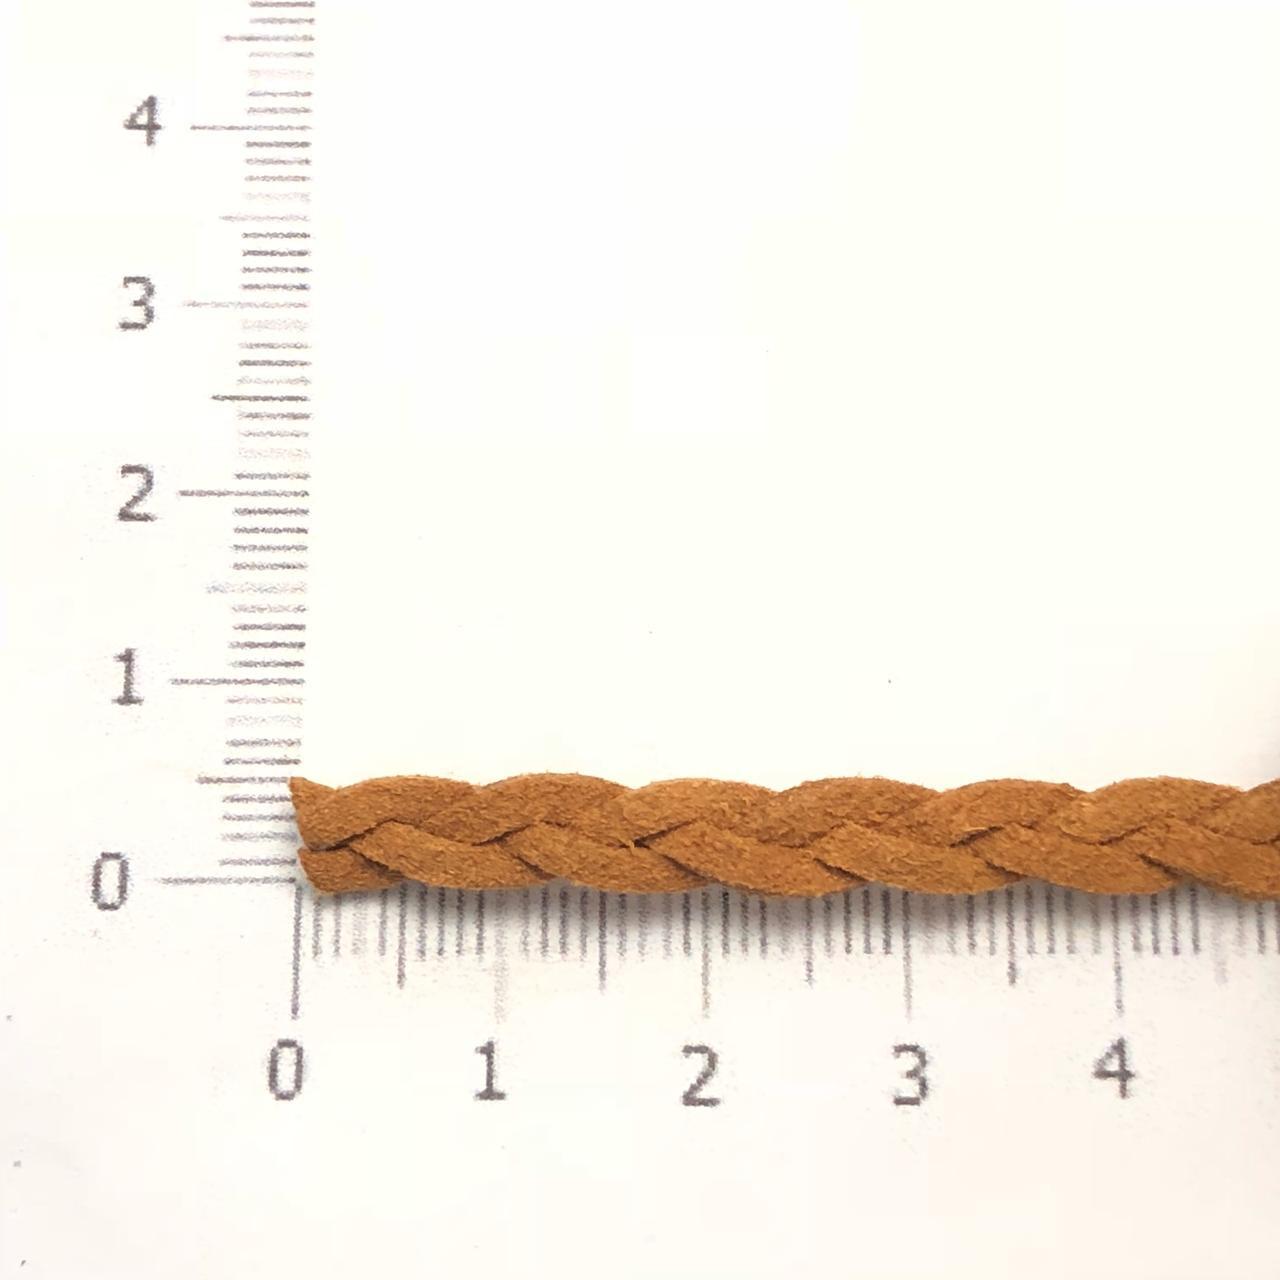 CM83 - Cordão de camurça Trançado 5mm Caramelo - 1metro